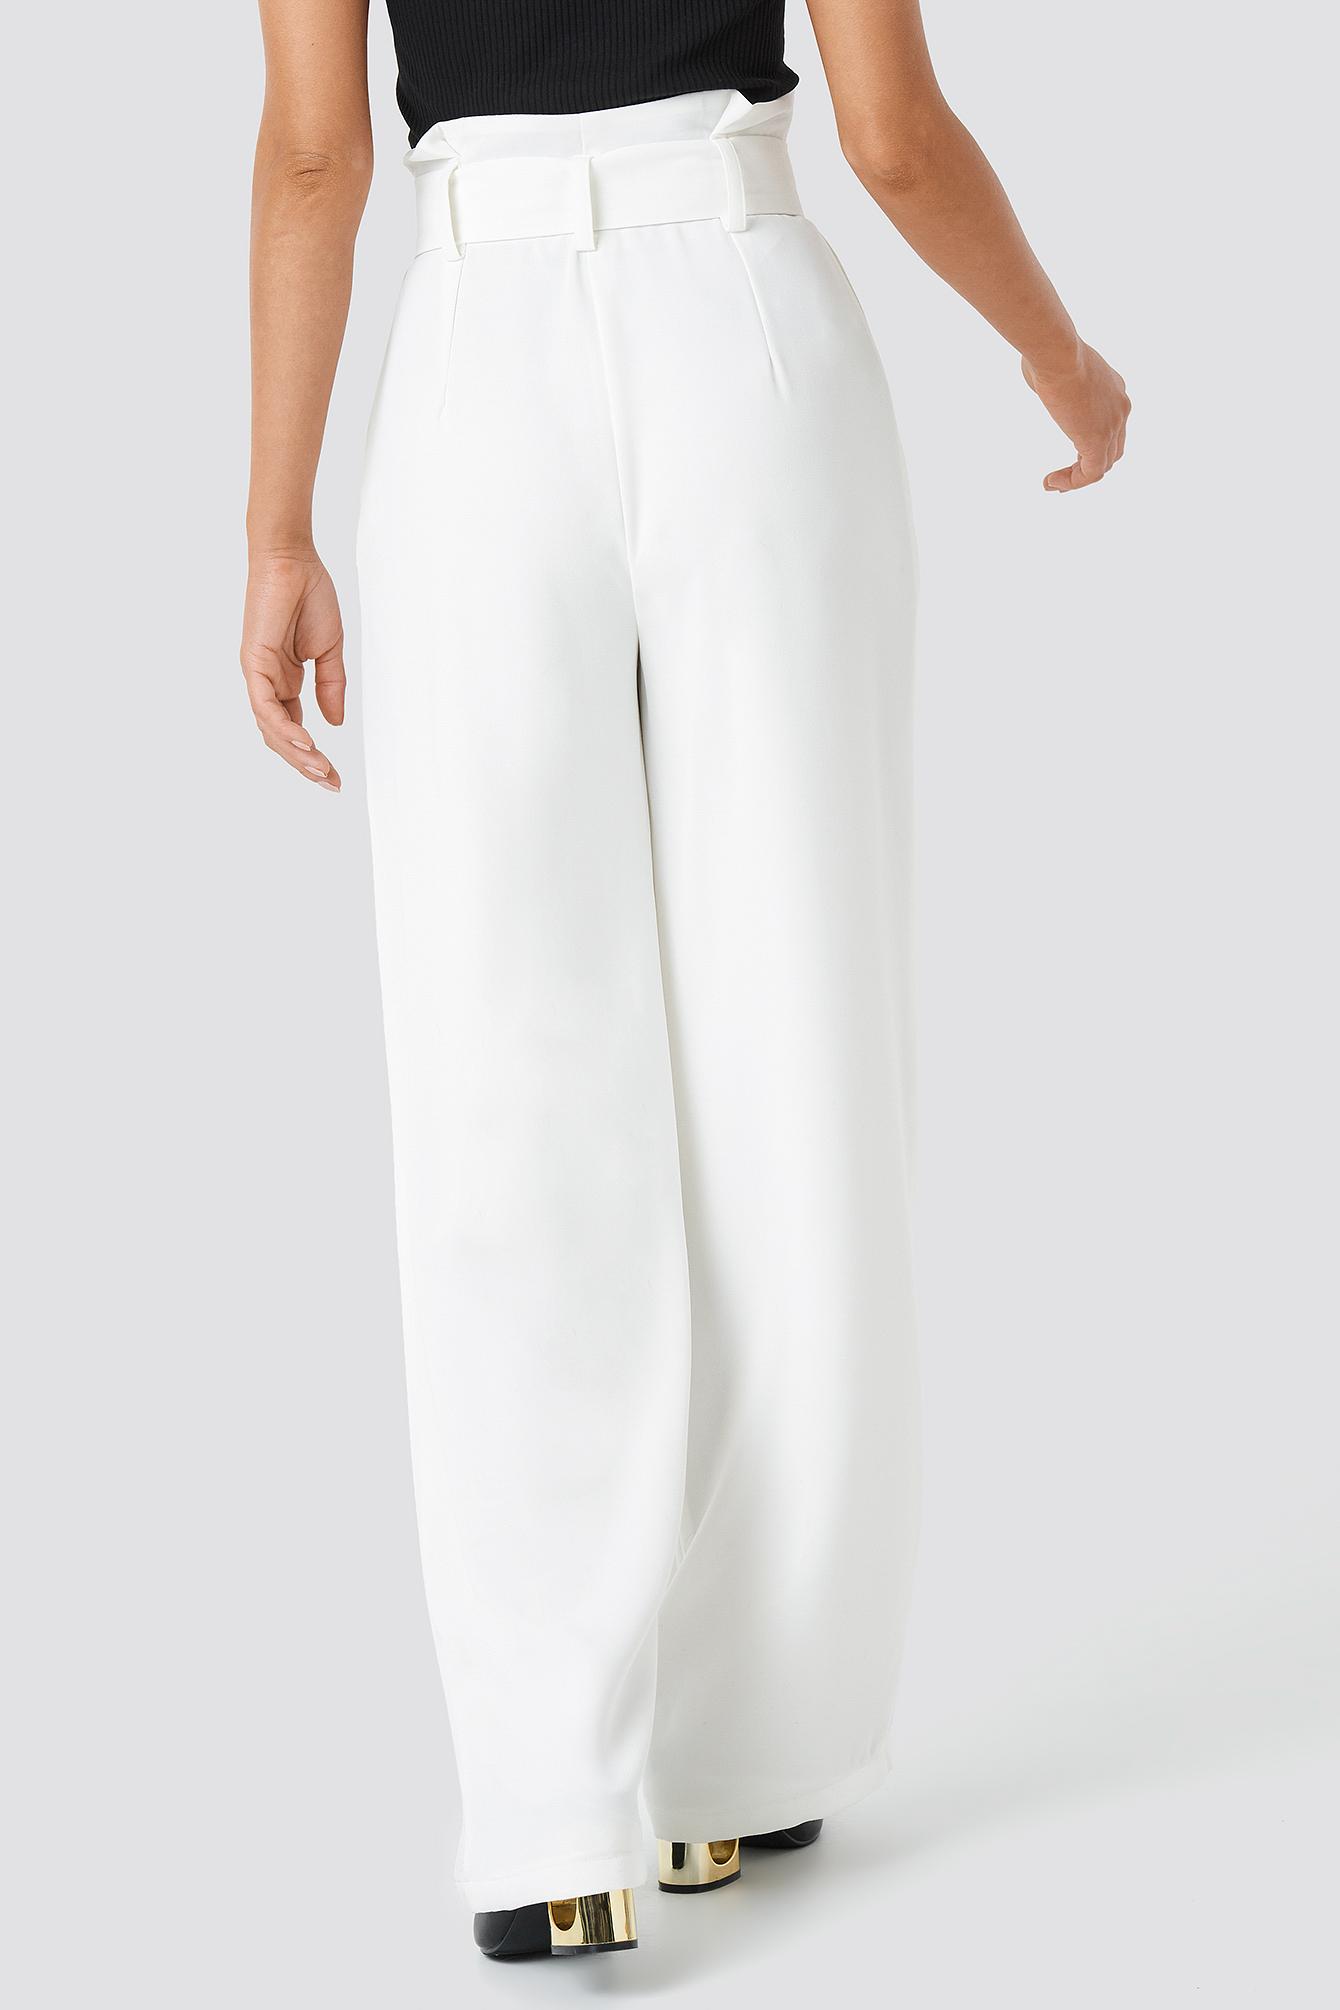 Belted Highwaist Flared Pants NA-KD.COM